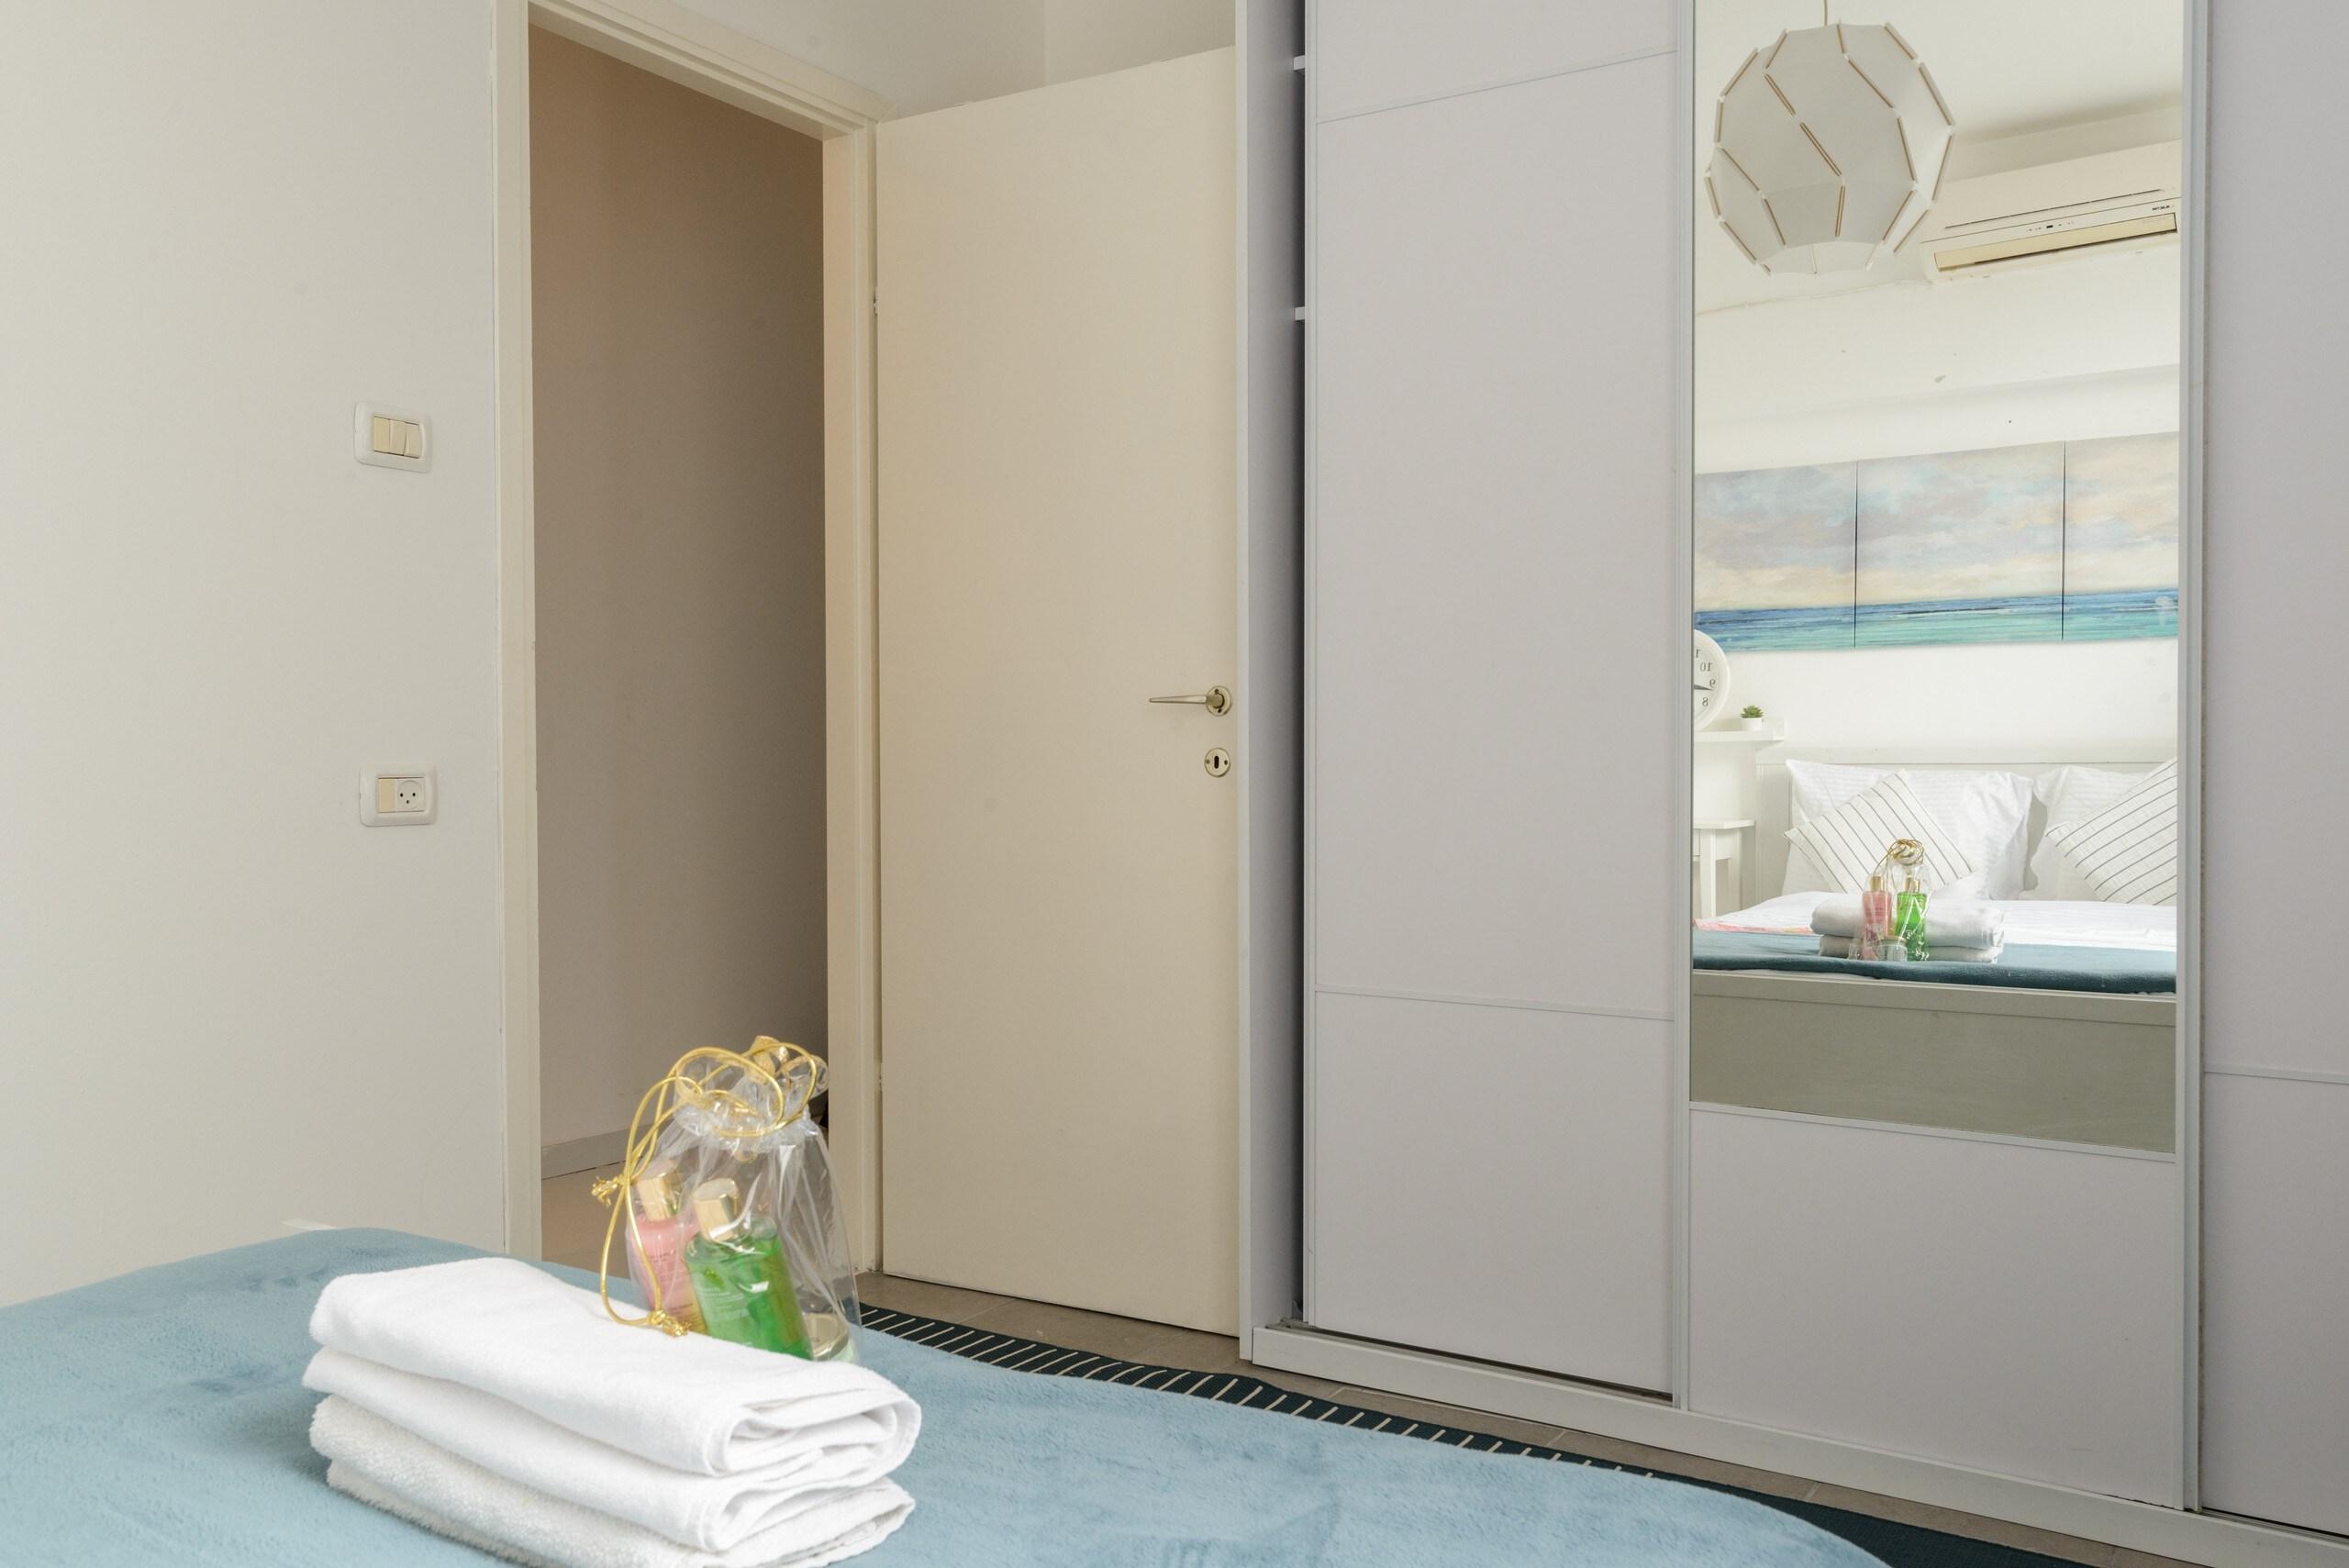 Apartment Sea View 2 bedroom apartment next to Hilton beach photo 21105495